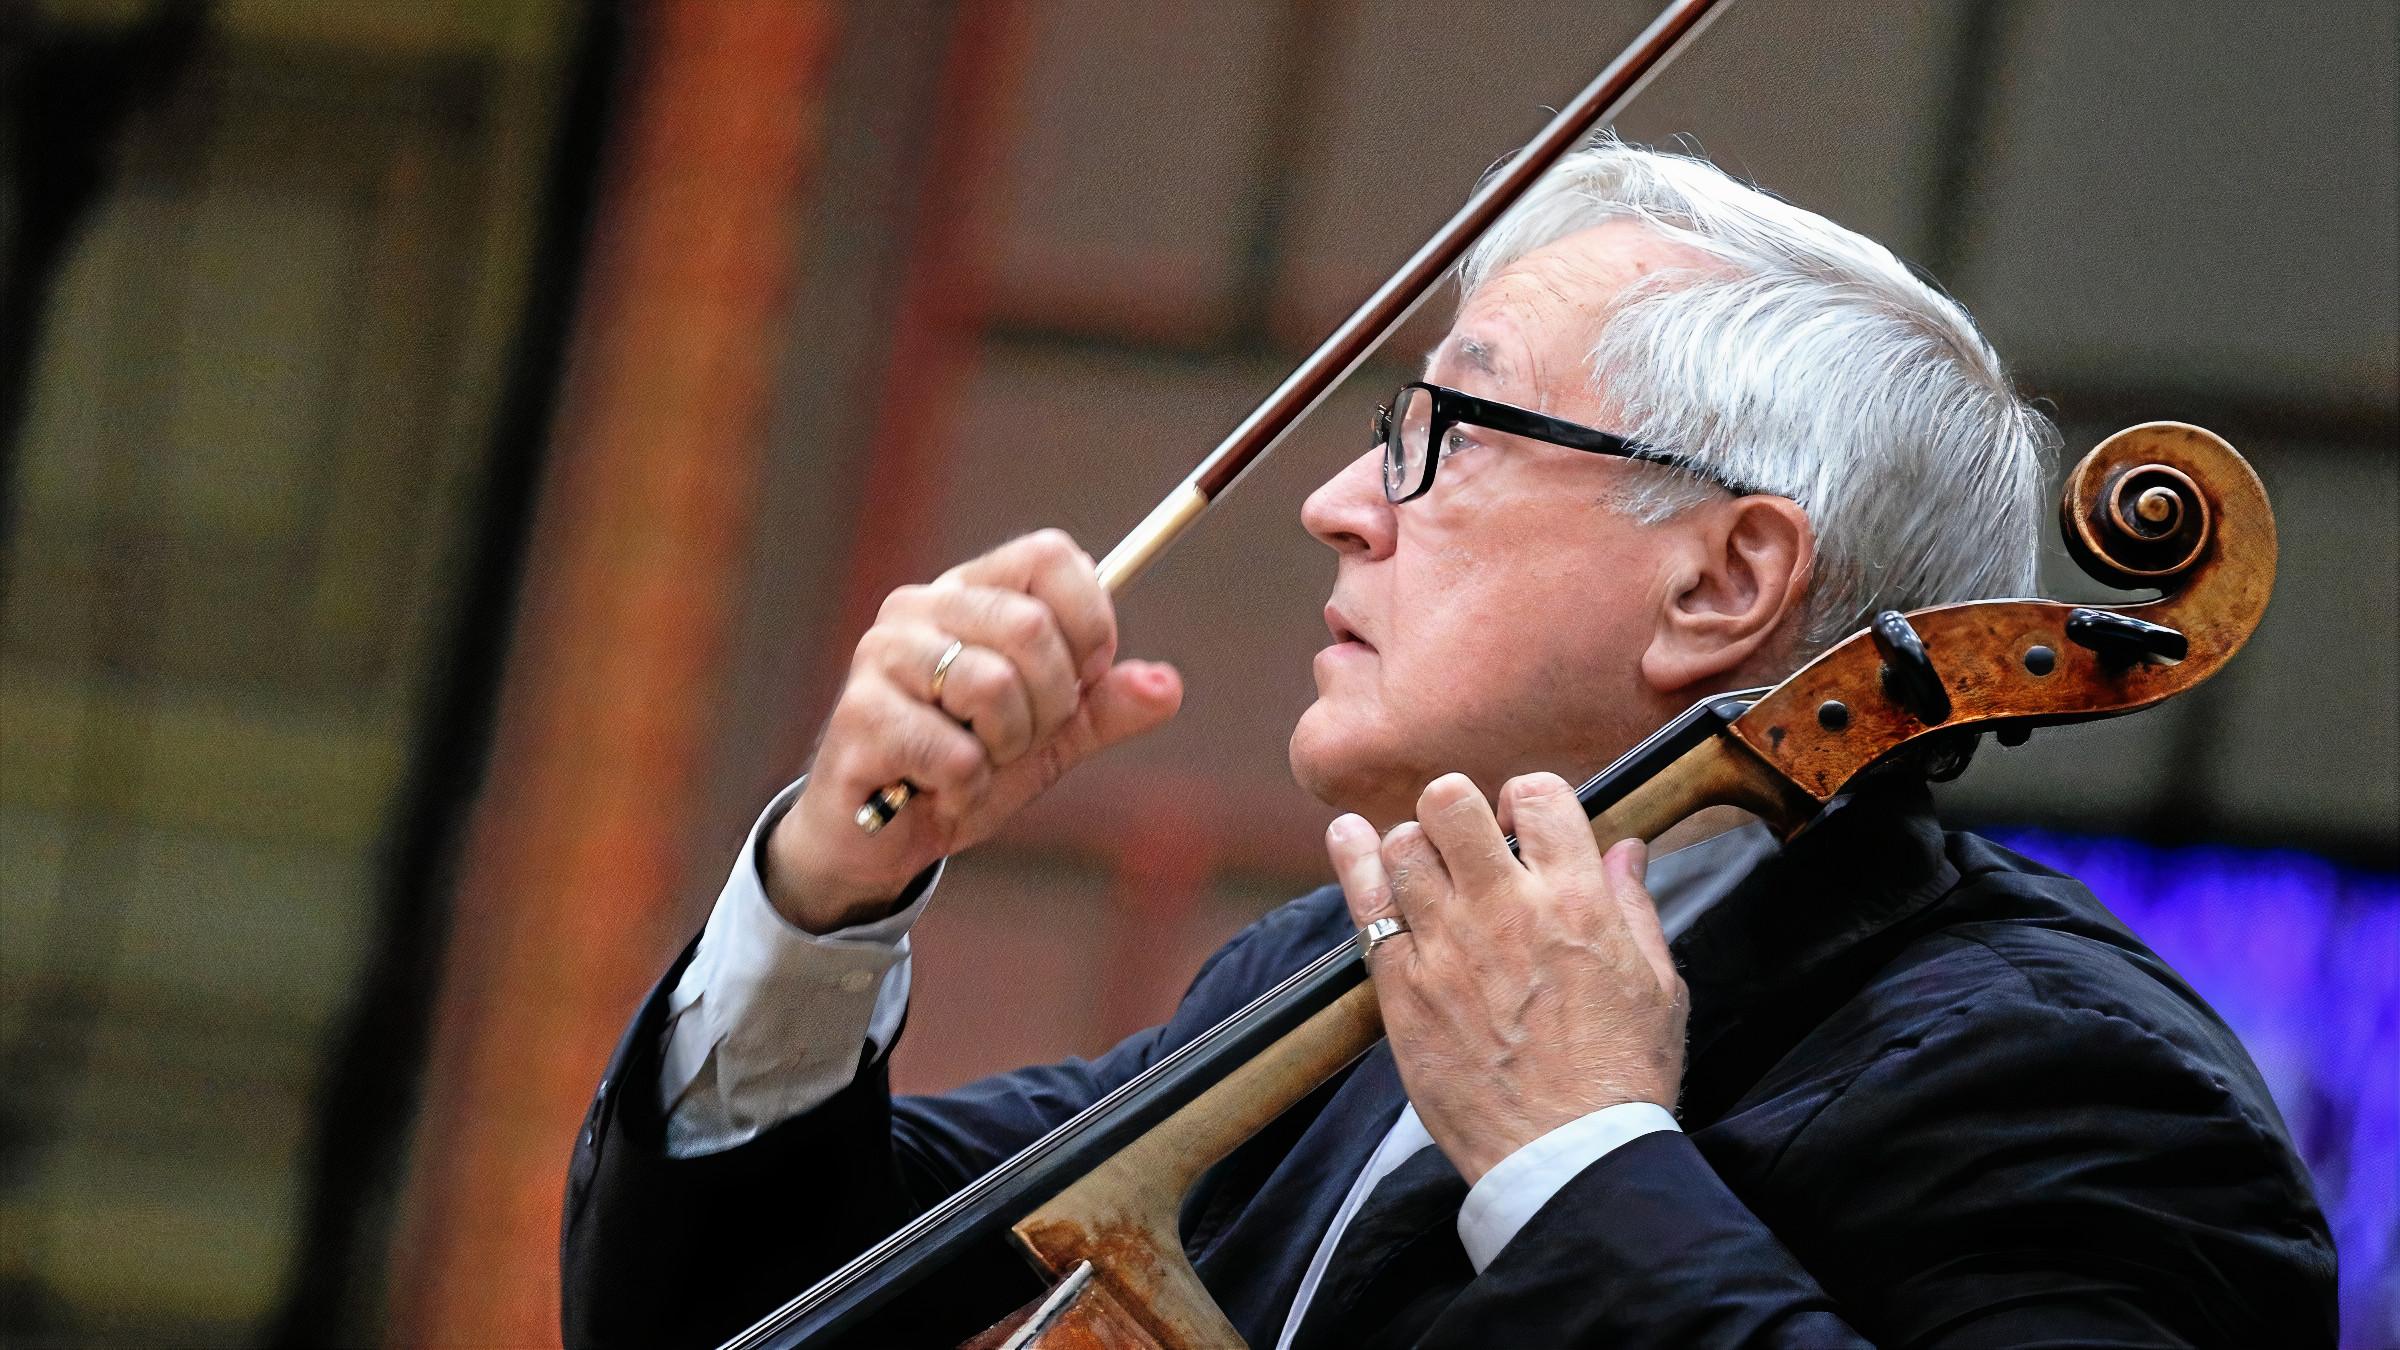 """Elbphilharmonie: Geringas gewährt Einblick in """"goldene Ära"""""""